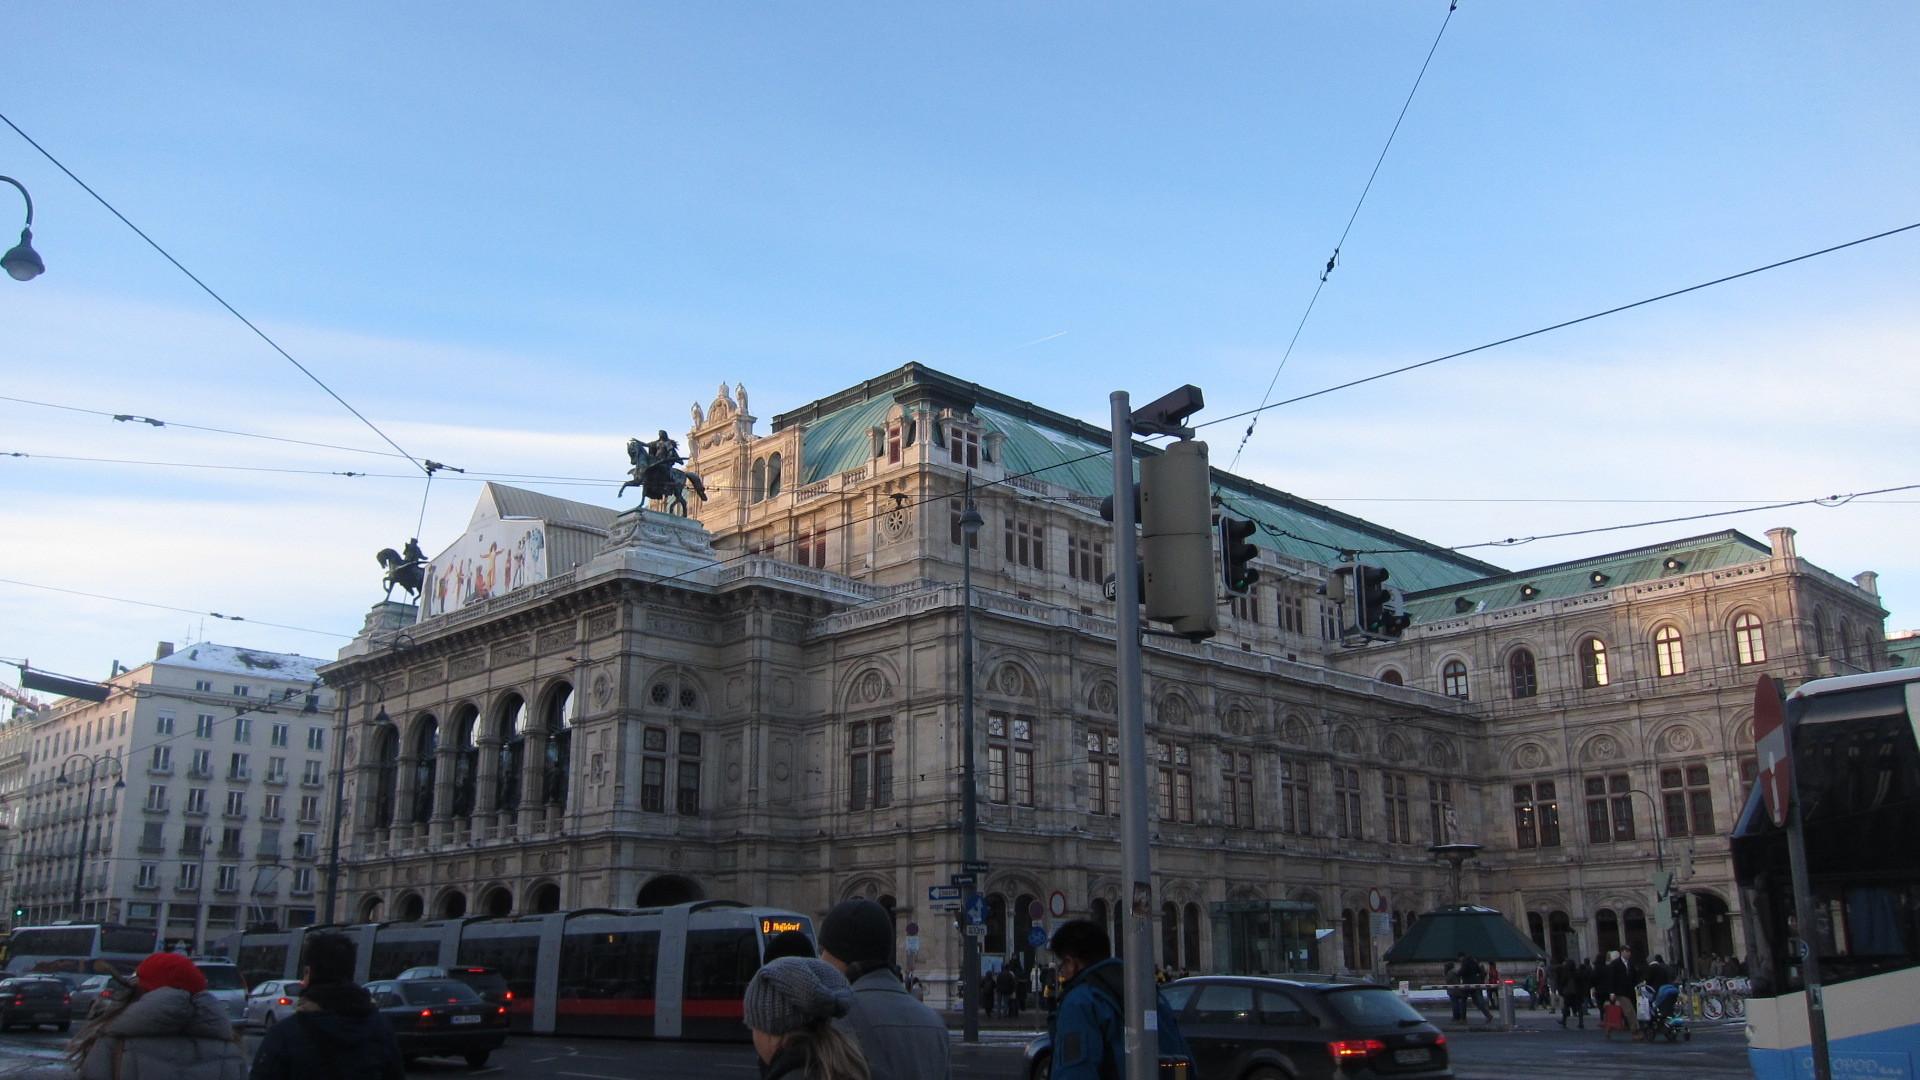 ウィーン観光のモデルプランをご紹介!人気の観光地のおすすめのまわり方は?